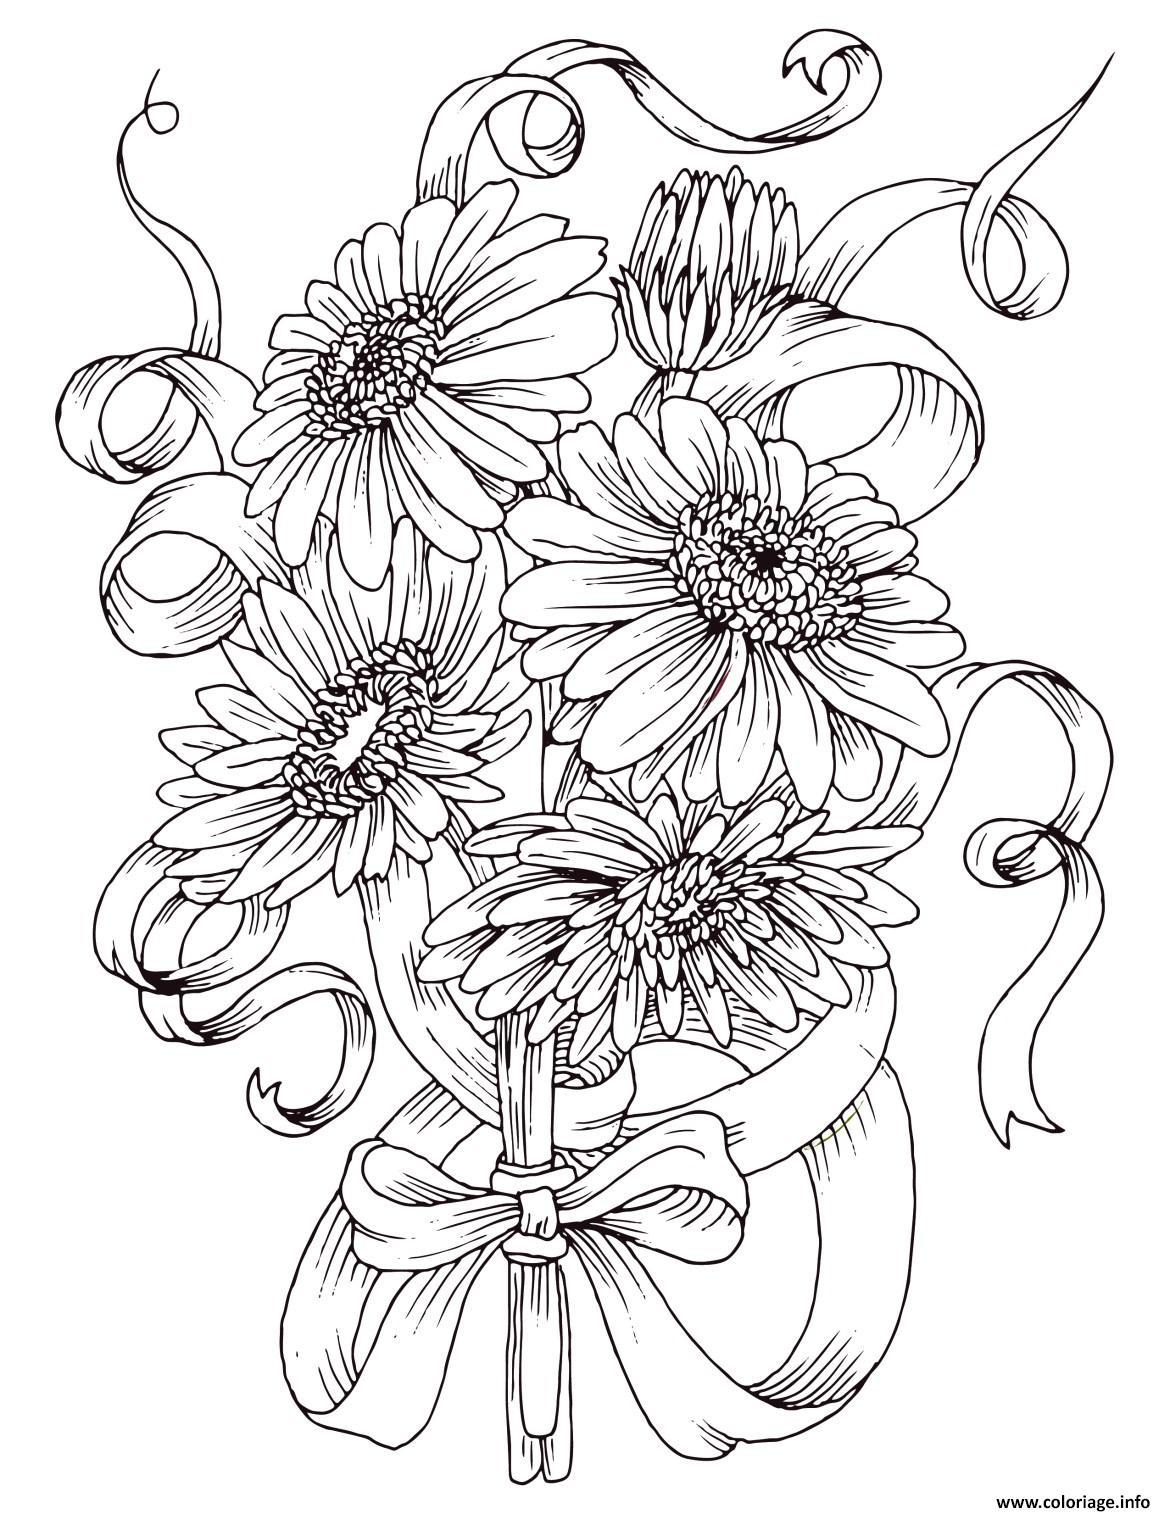 Dessin magnifique bouquet de fleurs marguerite Coloriage Gratuit à Imprimer